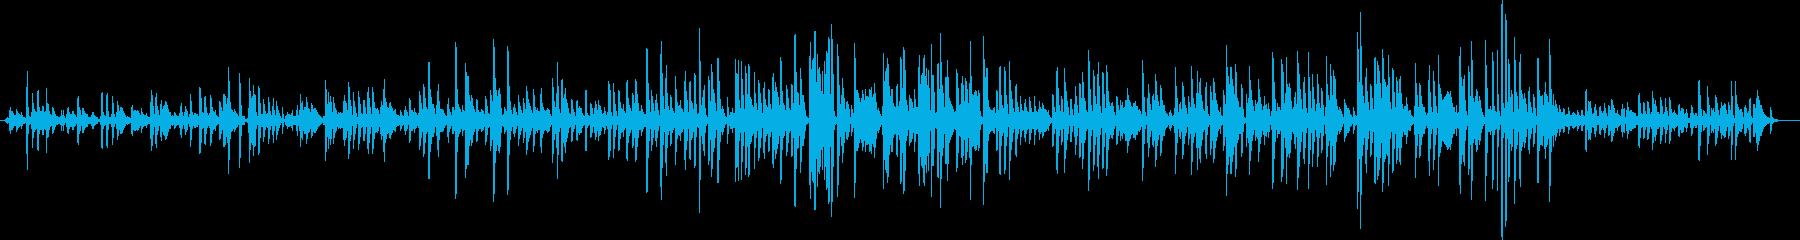 レコードから聞こえるジャズピアノの再生済みの波形